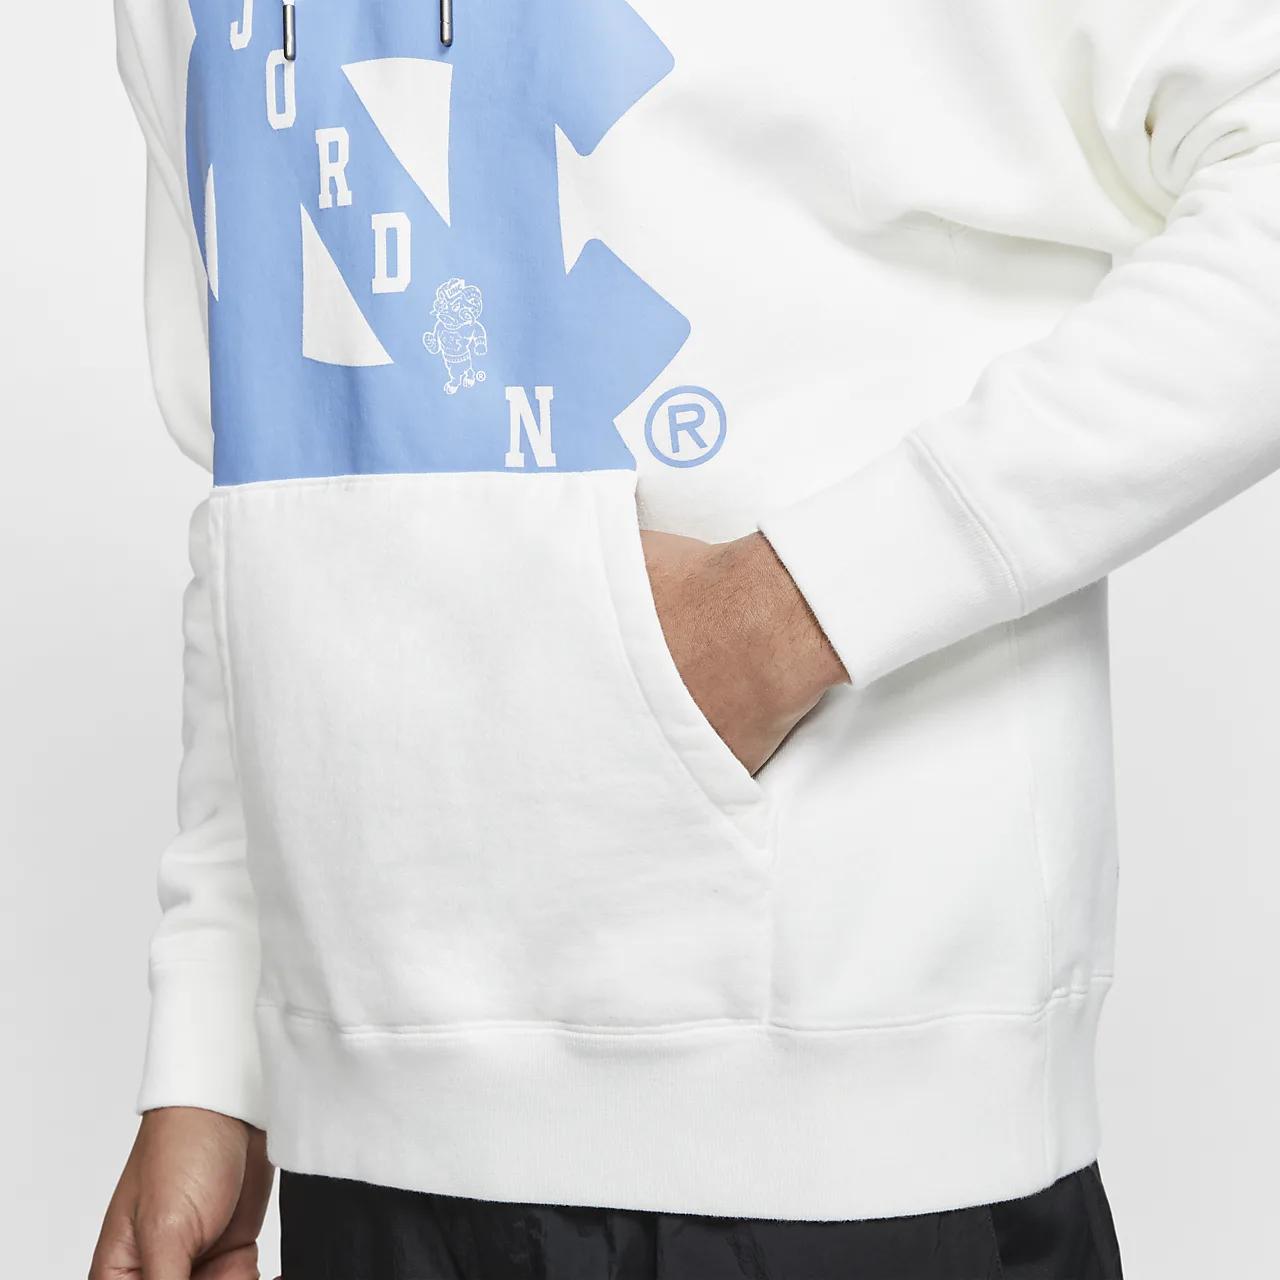 Jordan UNC Men's Pullover Hoodie BV3954-100